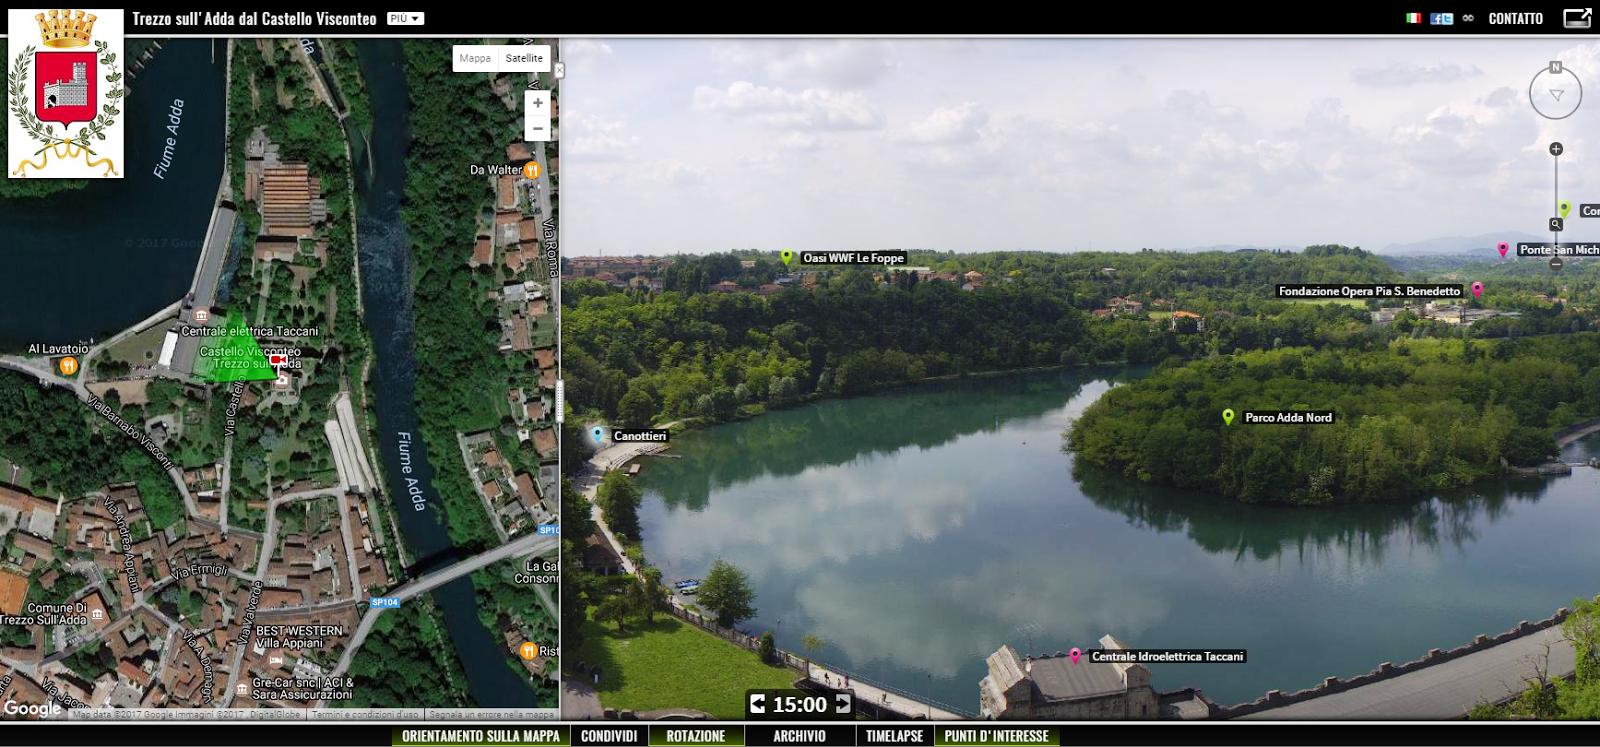 Webcam live dal castello di Trezzo